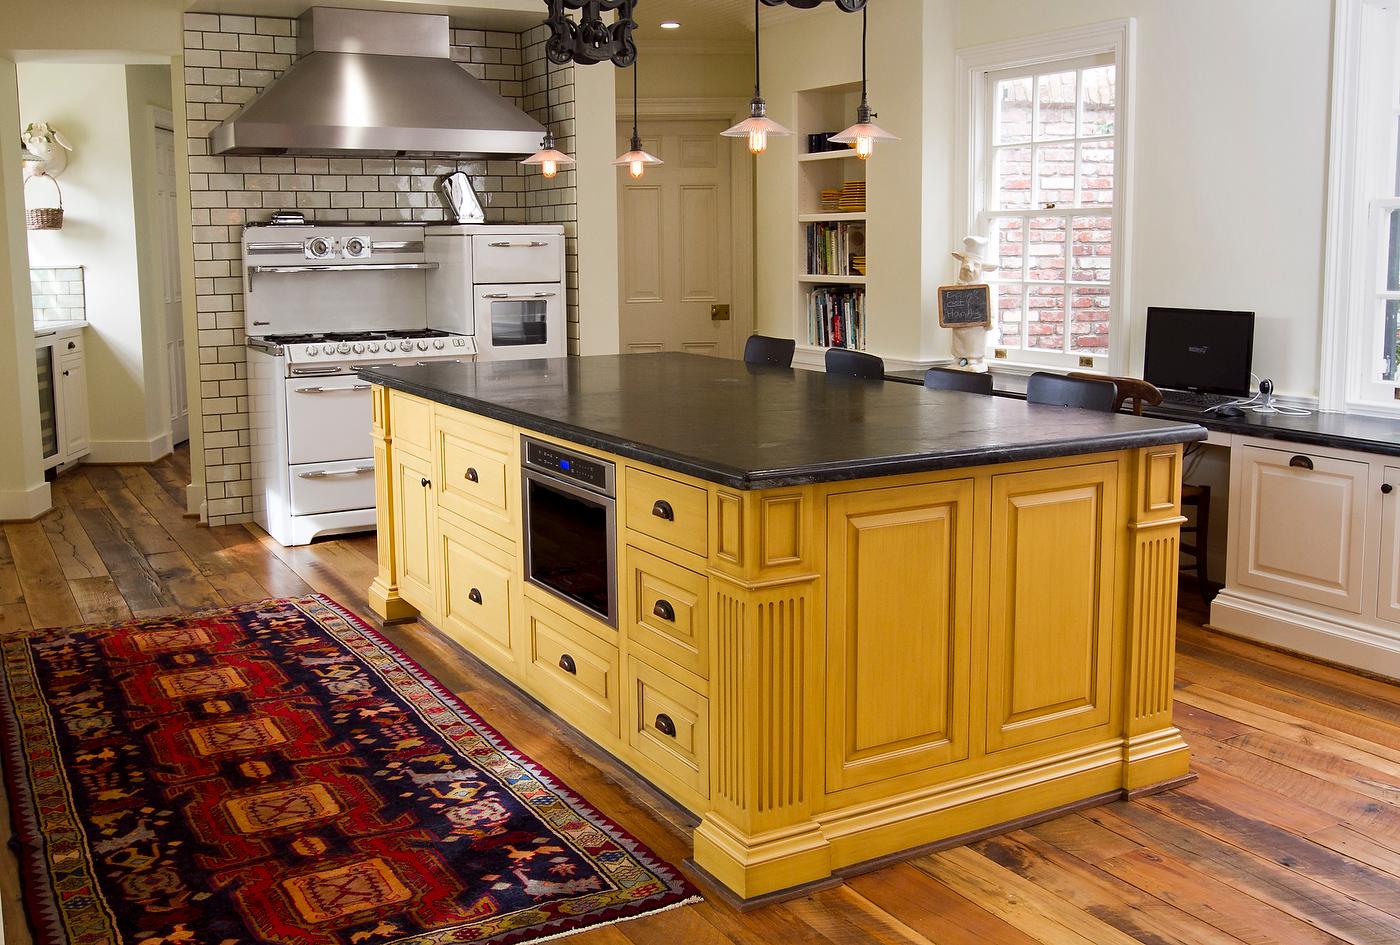 kitchens-indoor-05.jpg